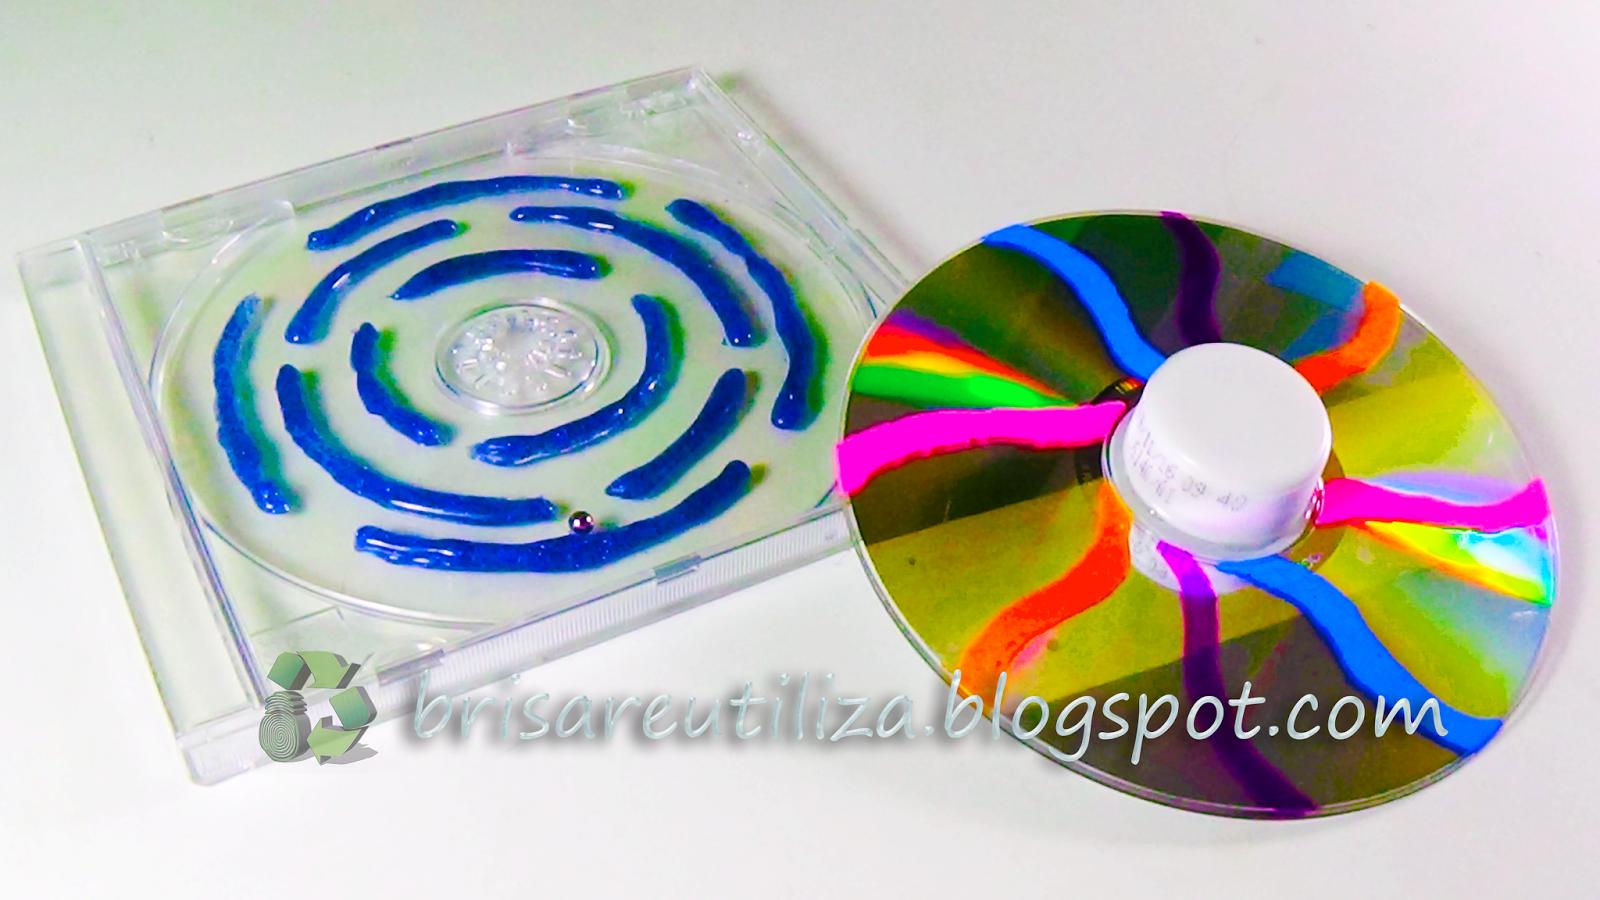 juguetes para nios pequeos con cd